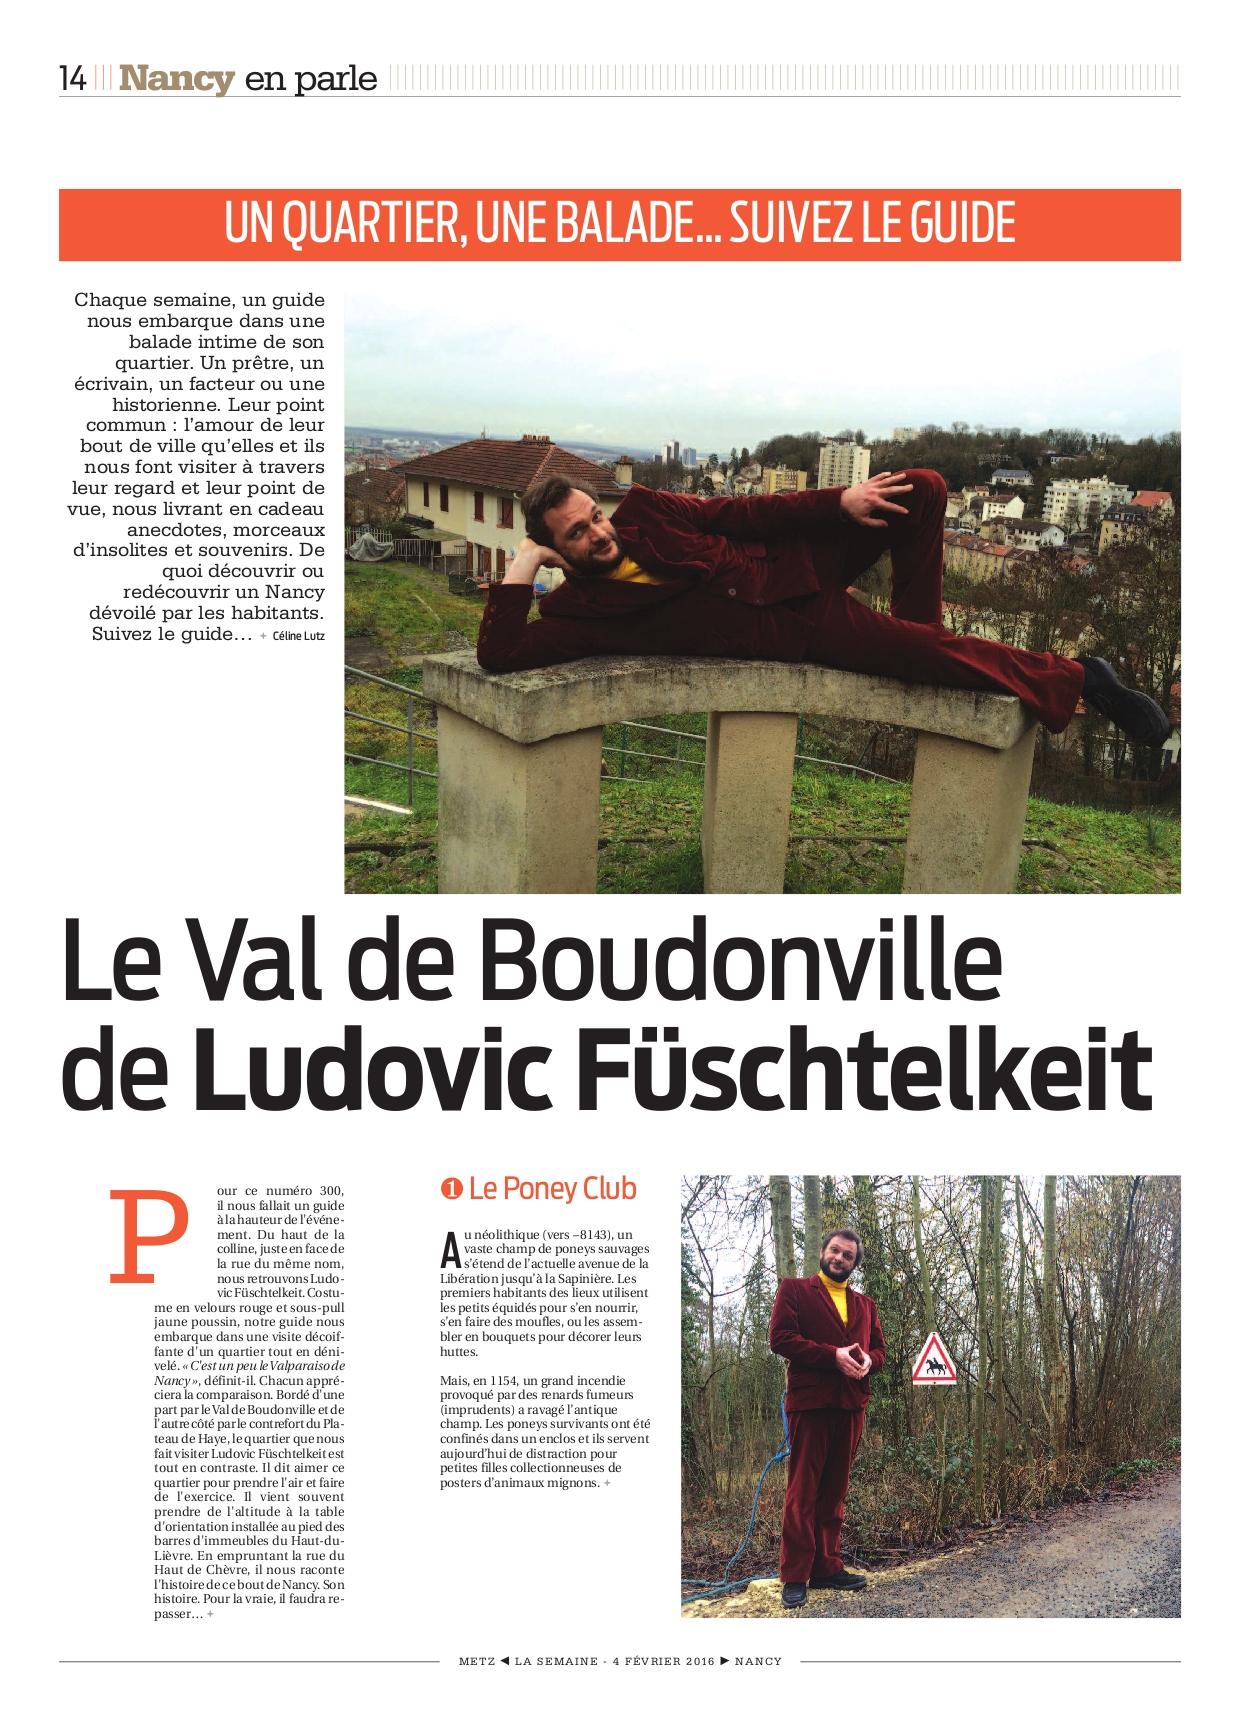 La Semaine de Nancy : Visite du Quartier Boudonville (2016)